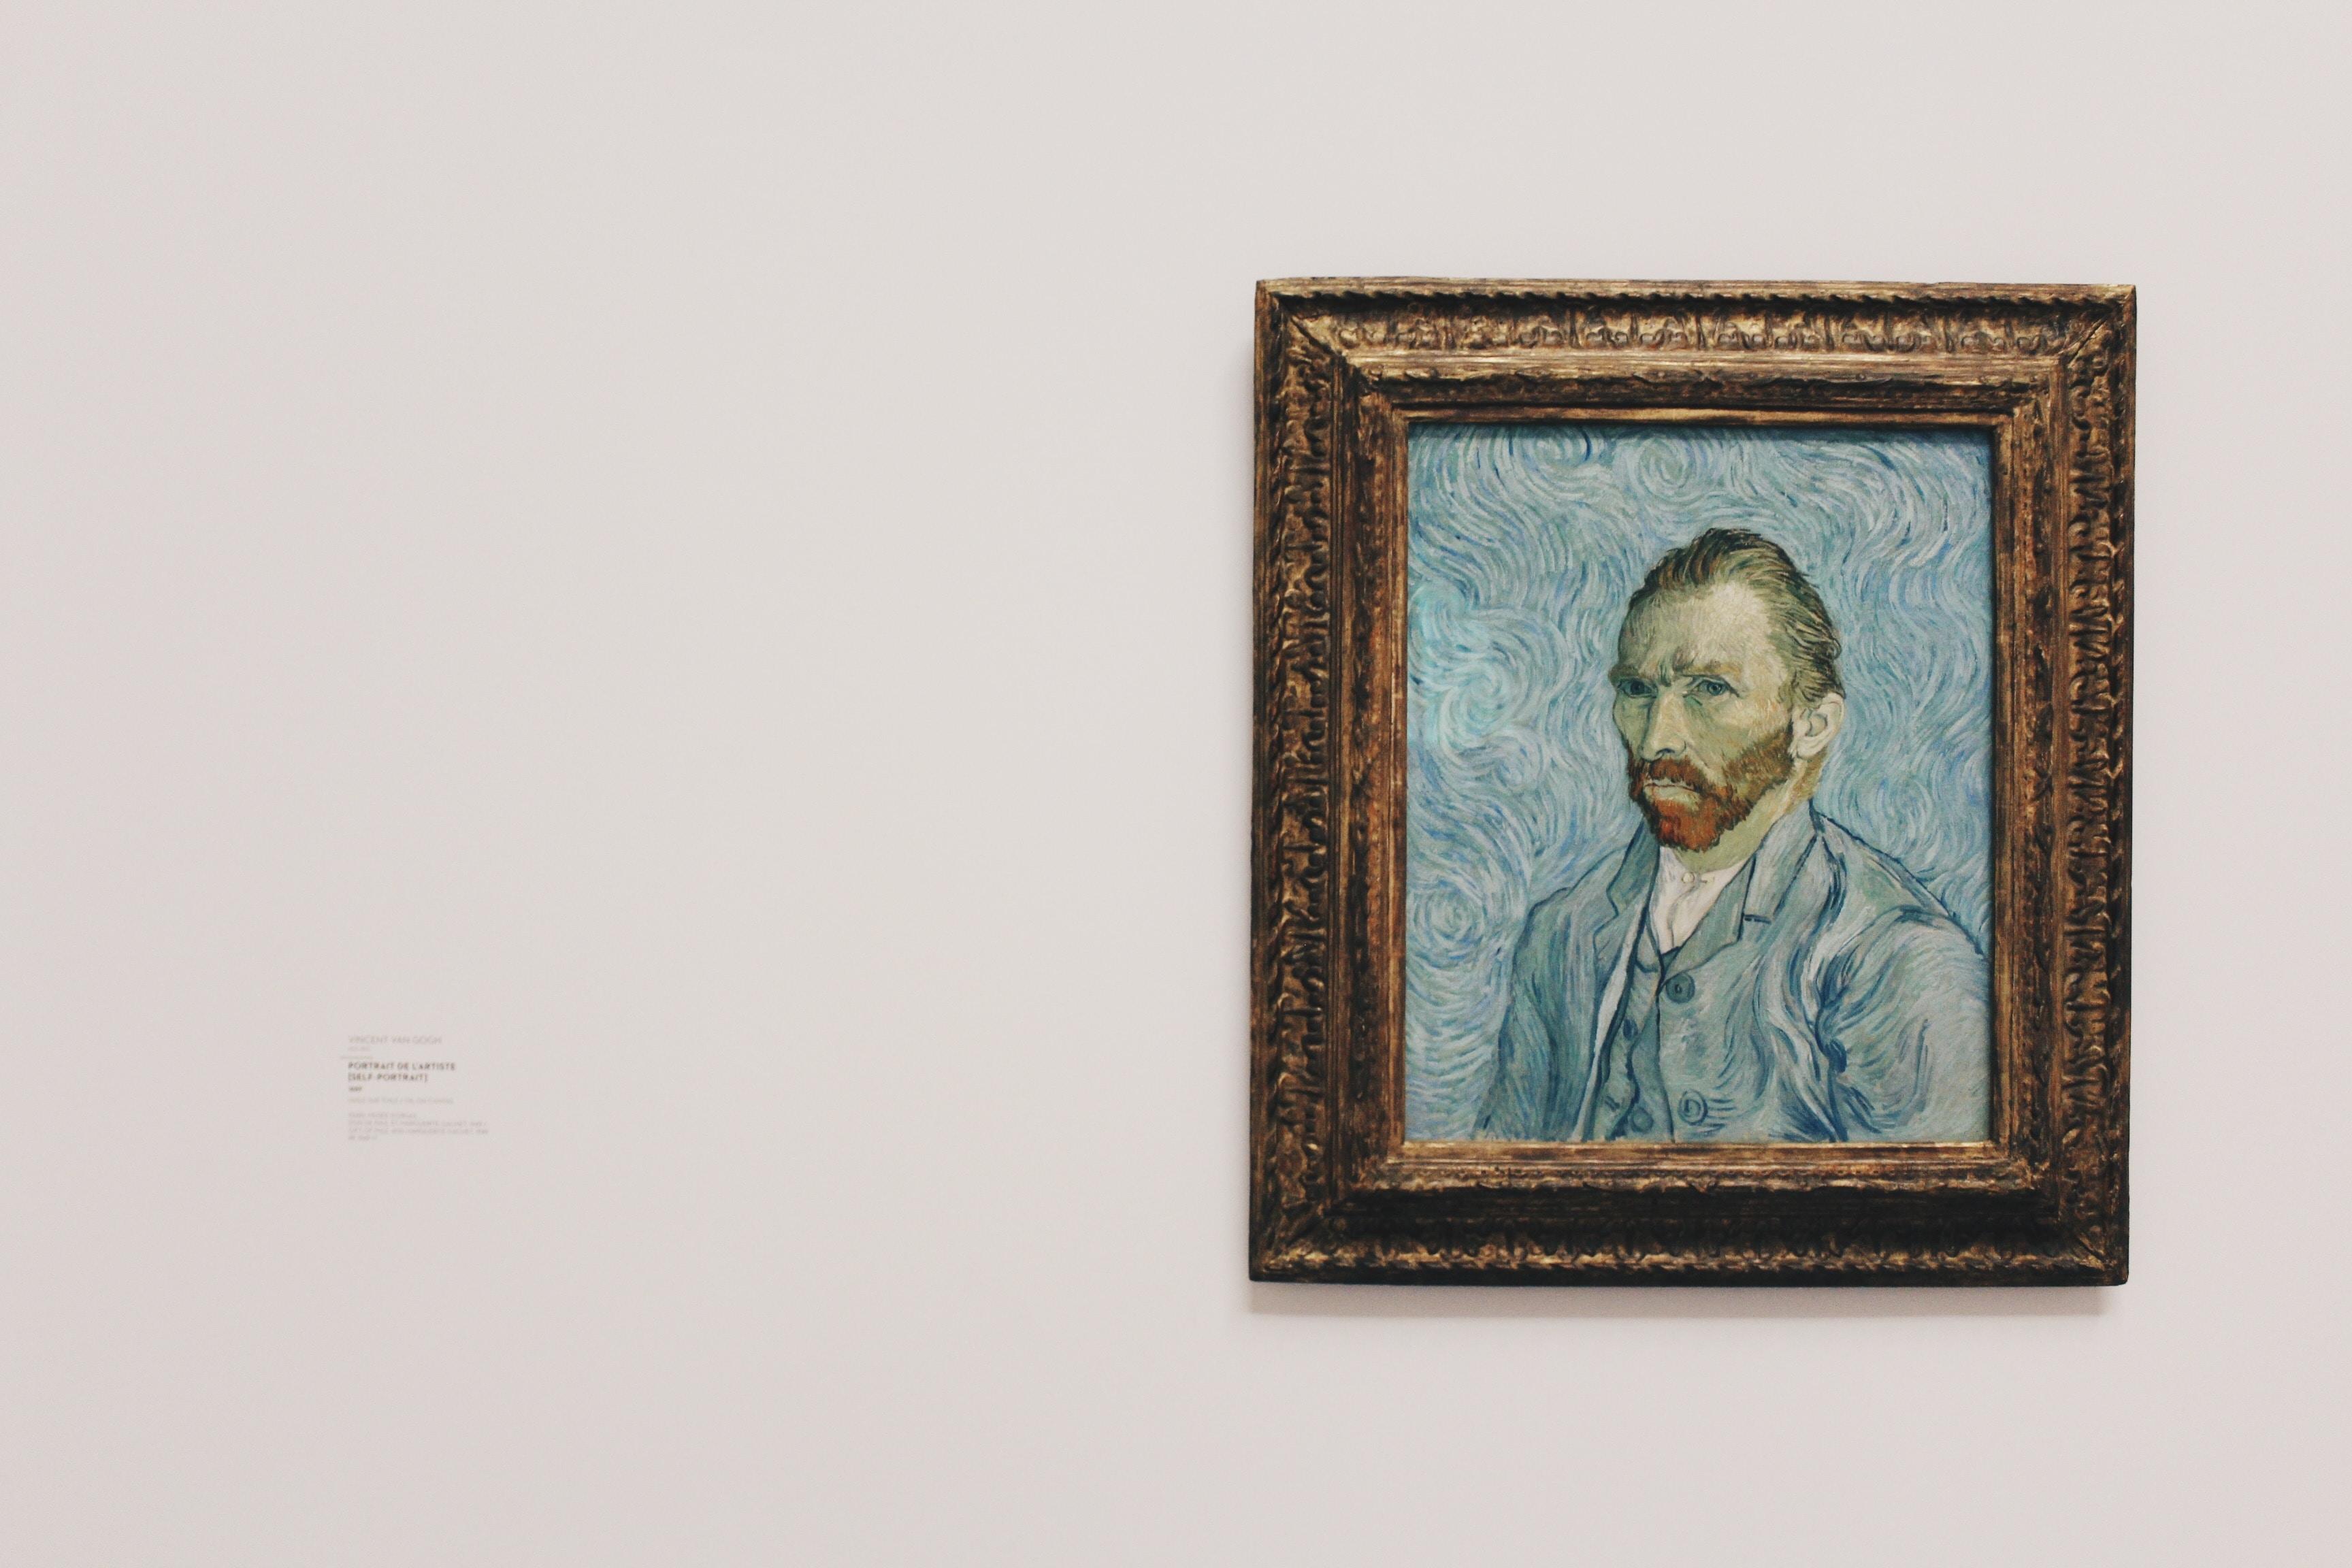 autoportrait de vincent van gogh sur mur blanc